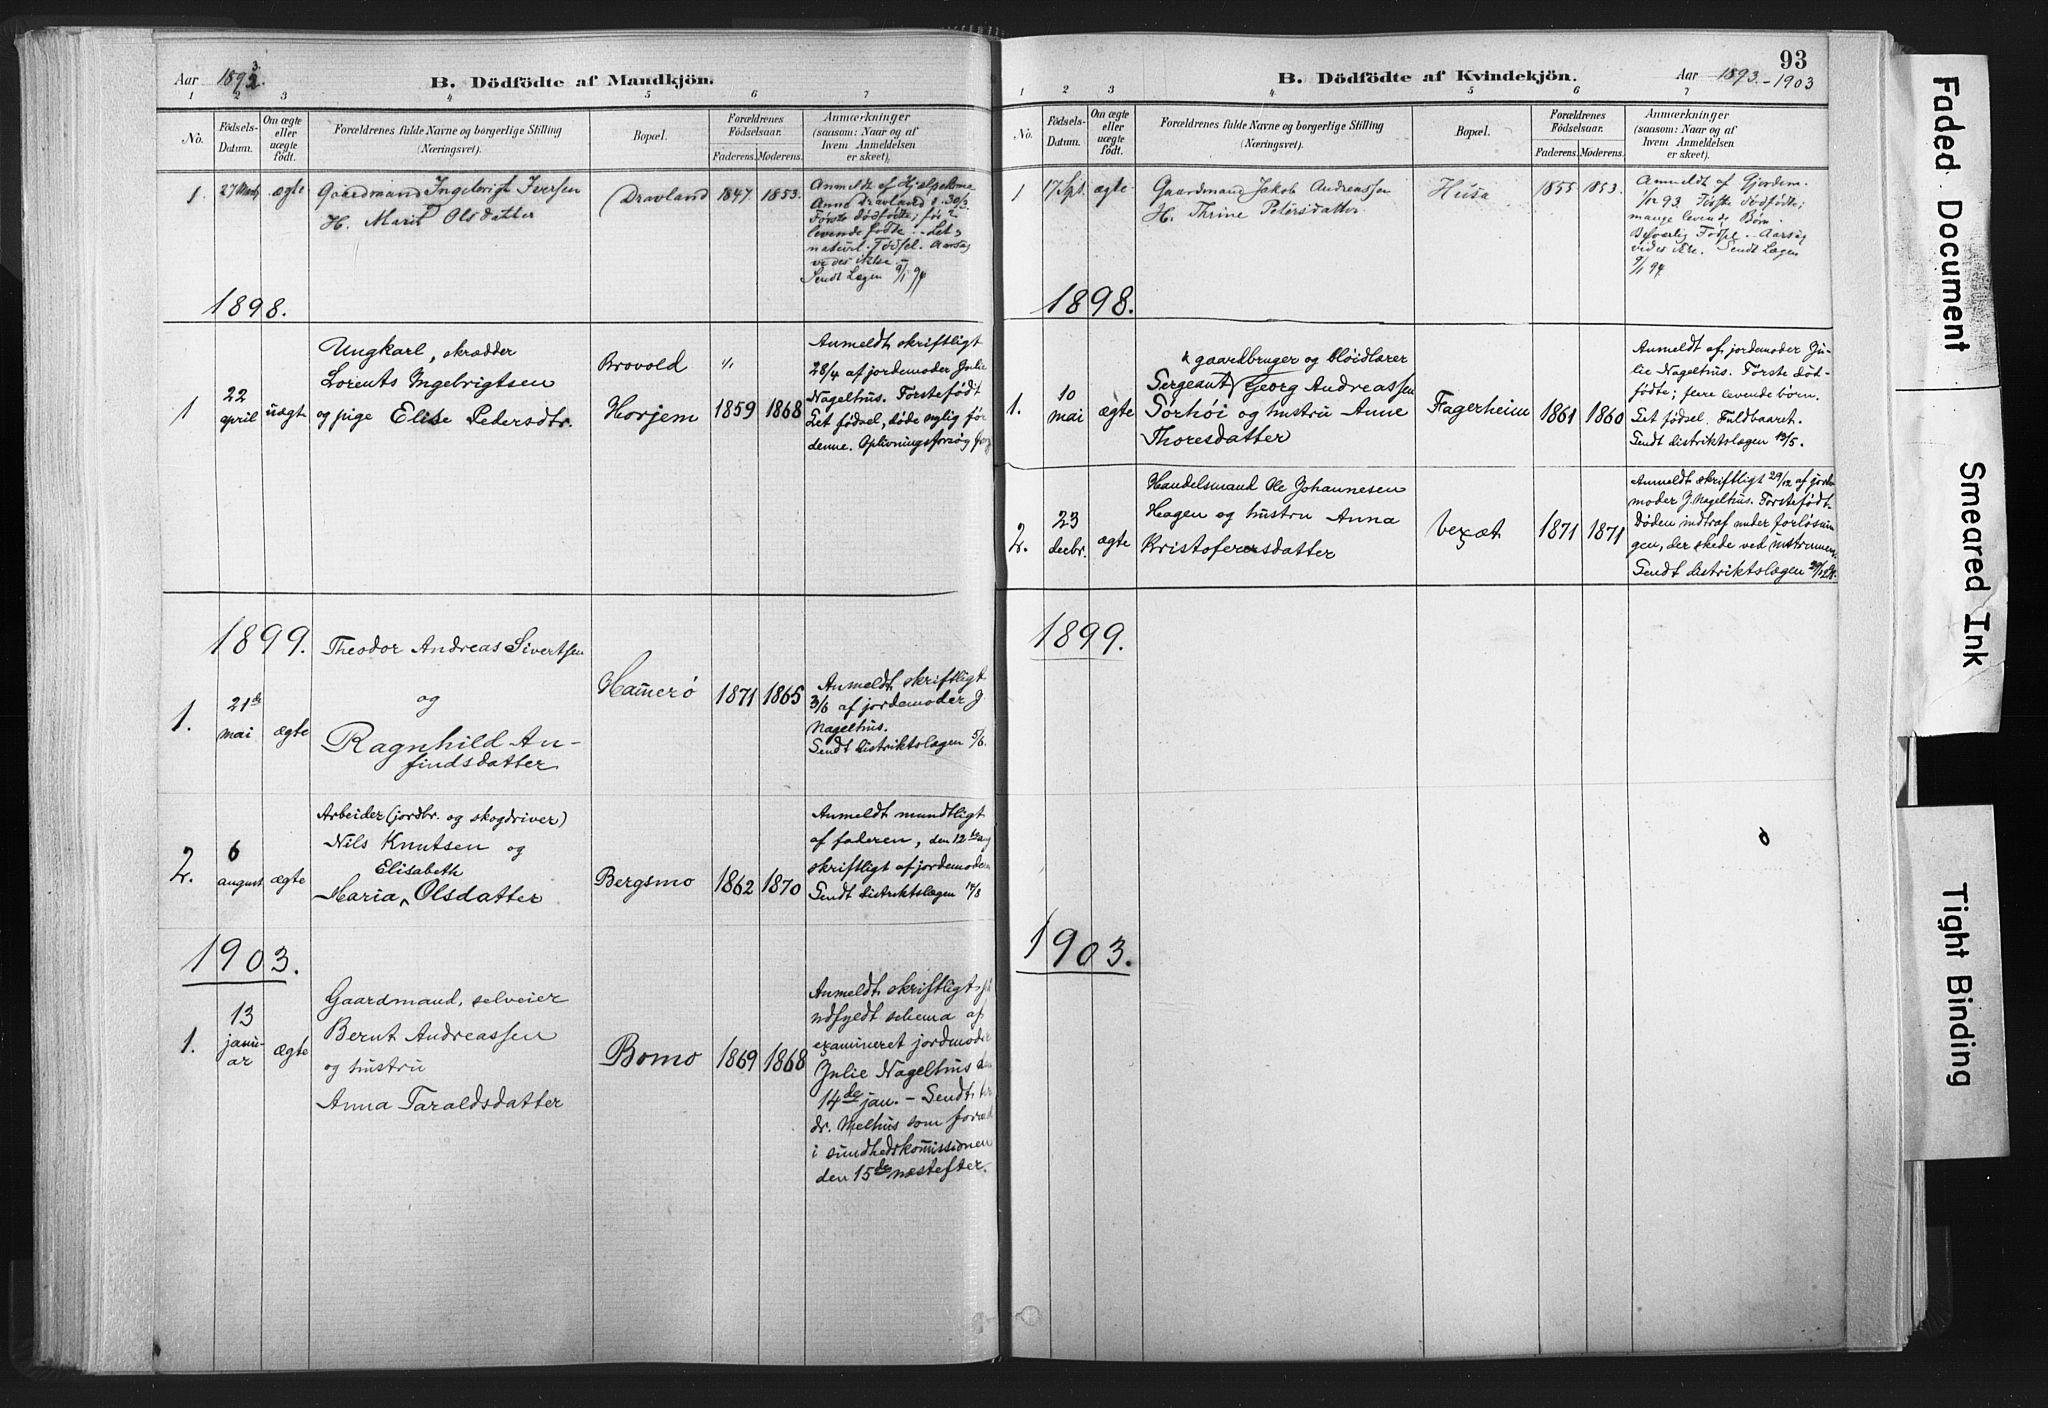 SAT, Ministerialprotokoller, klokkerbøker og fødselsregistre - Nord-Trøndelag, 749/L0474: Ministerialbok nr. 749A08, 1887-1903, s. 93